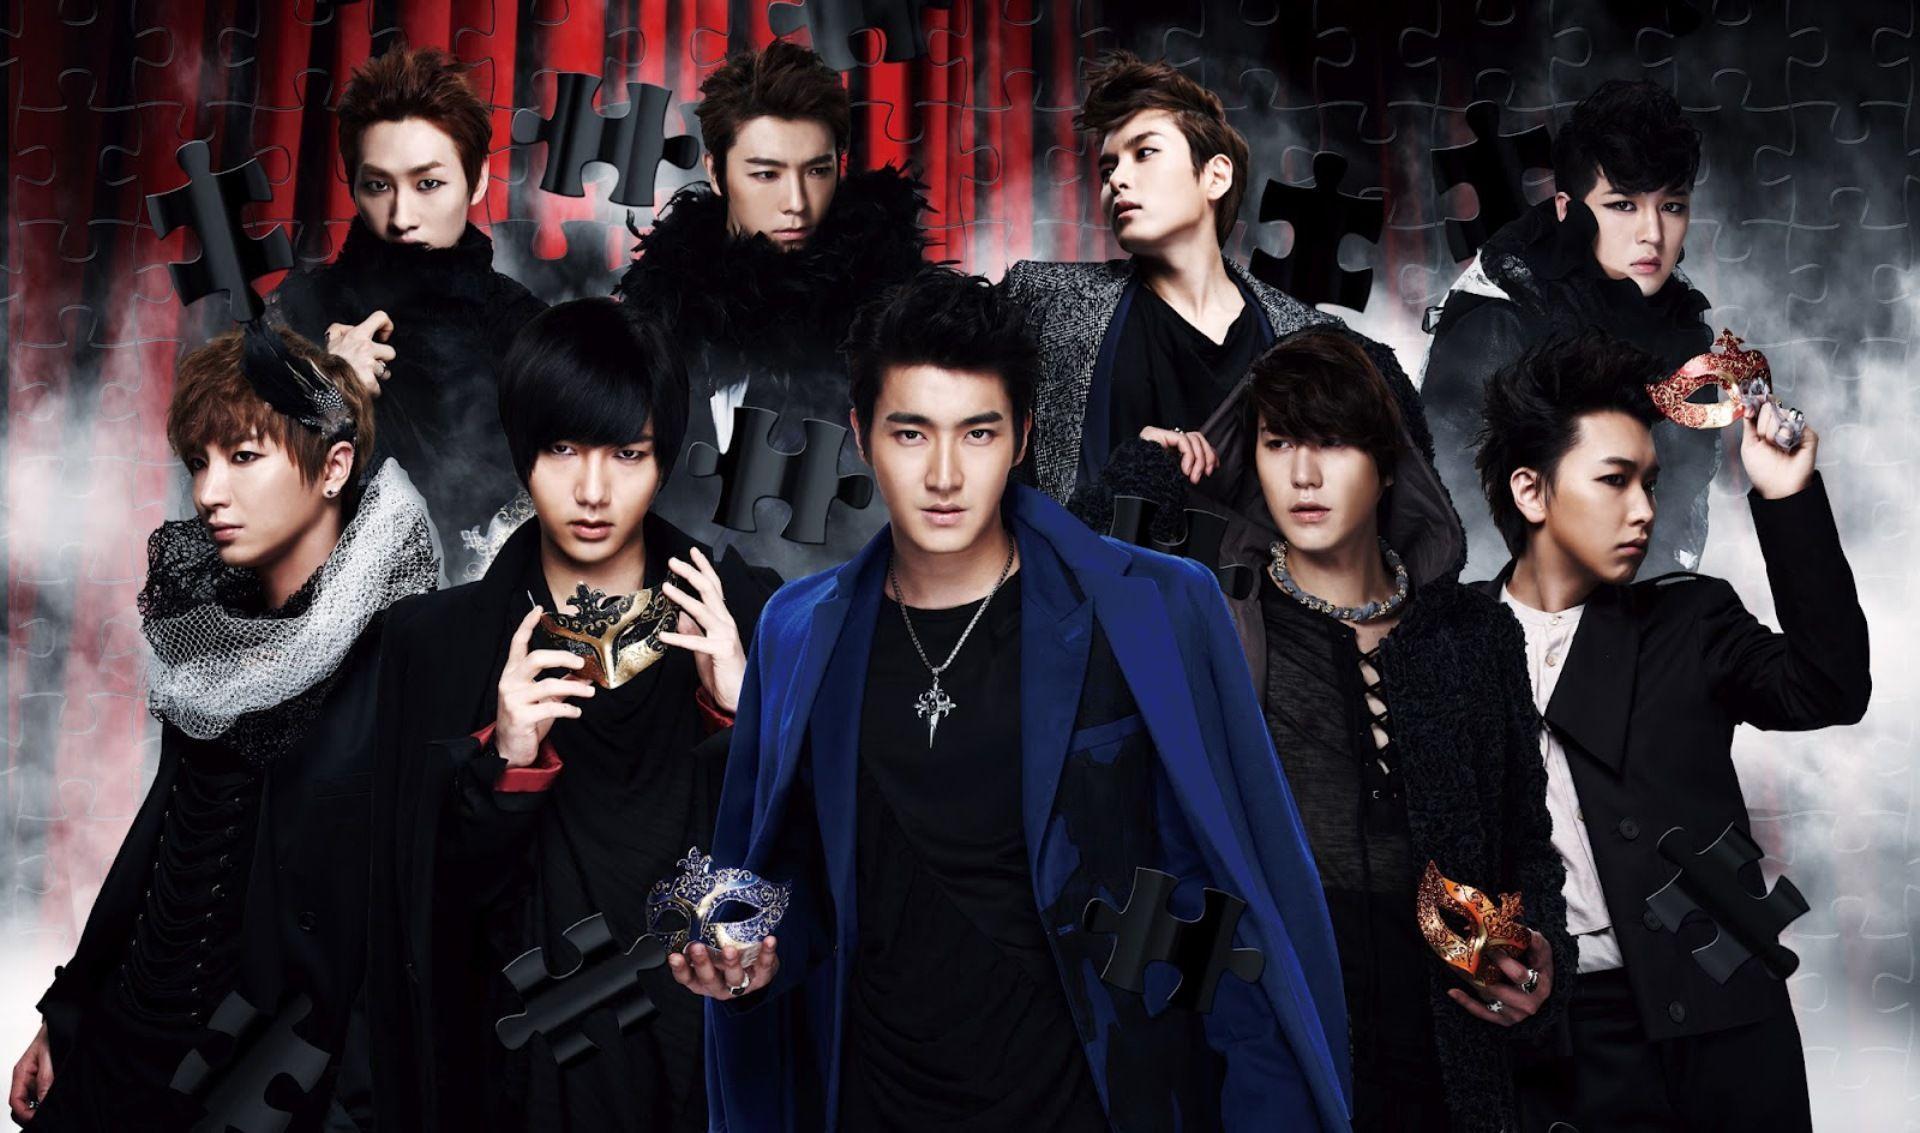 Lee Min Jung Wallpaper Hd Super Junior Wallpapers 2015 Wallpaper Cave